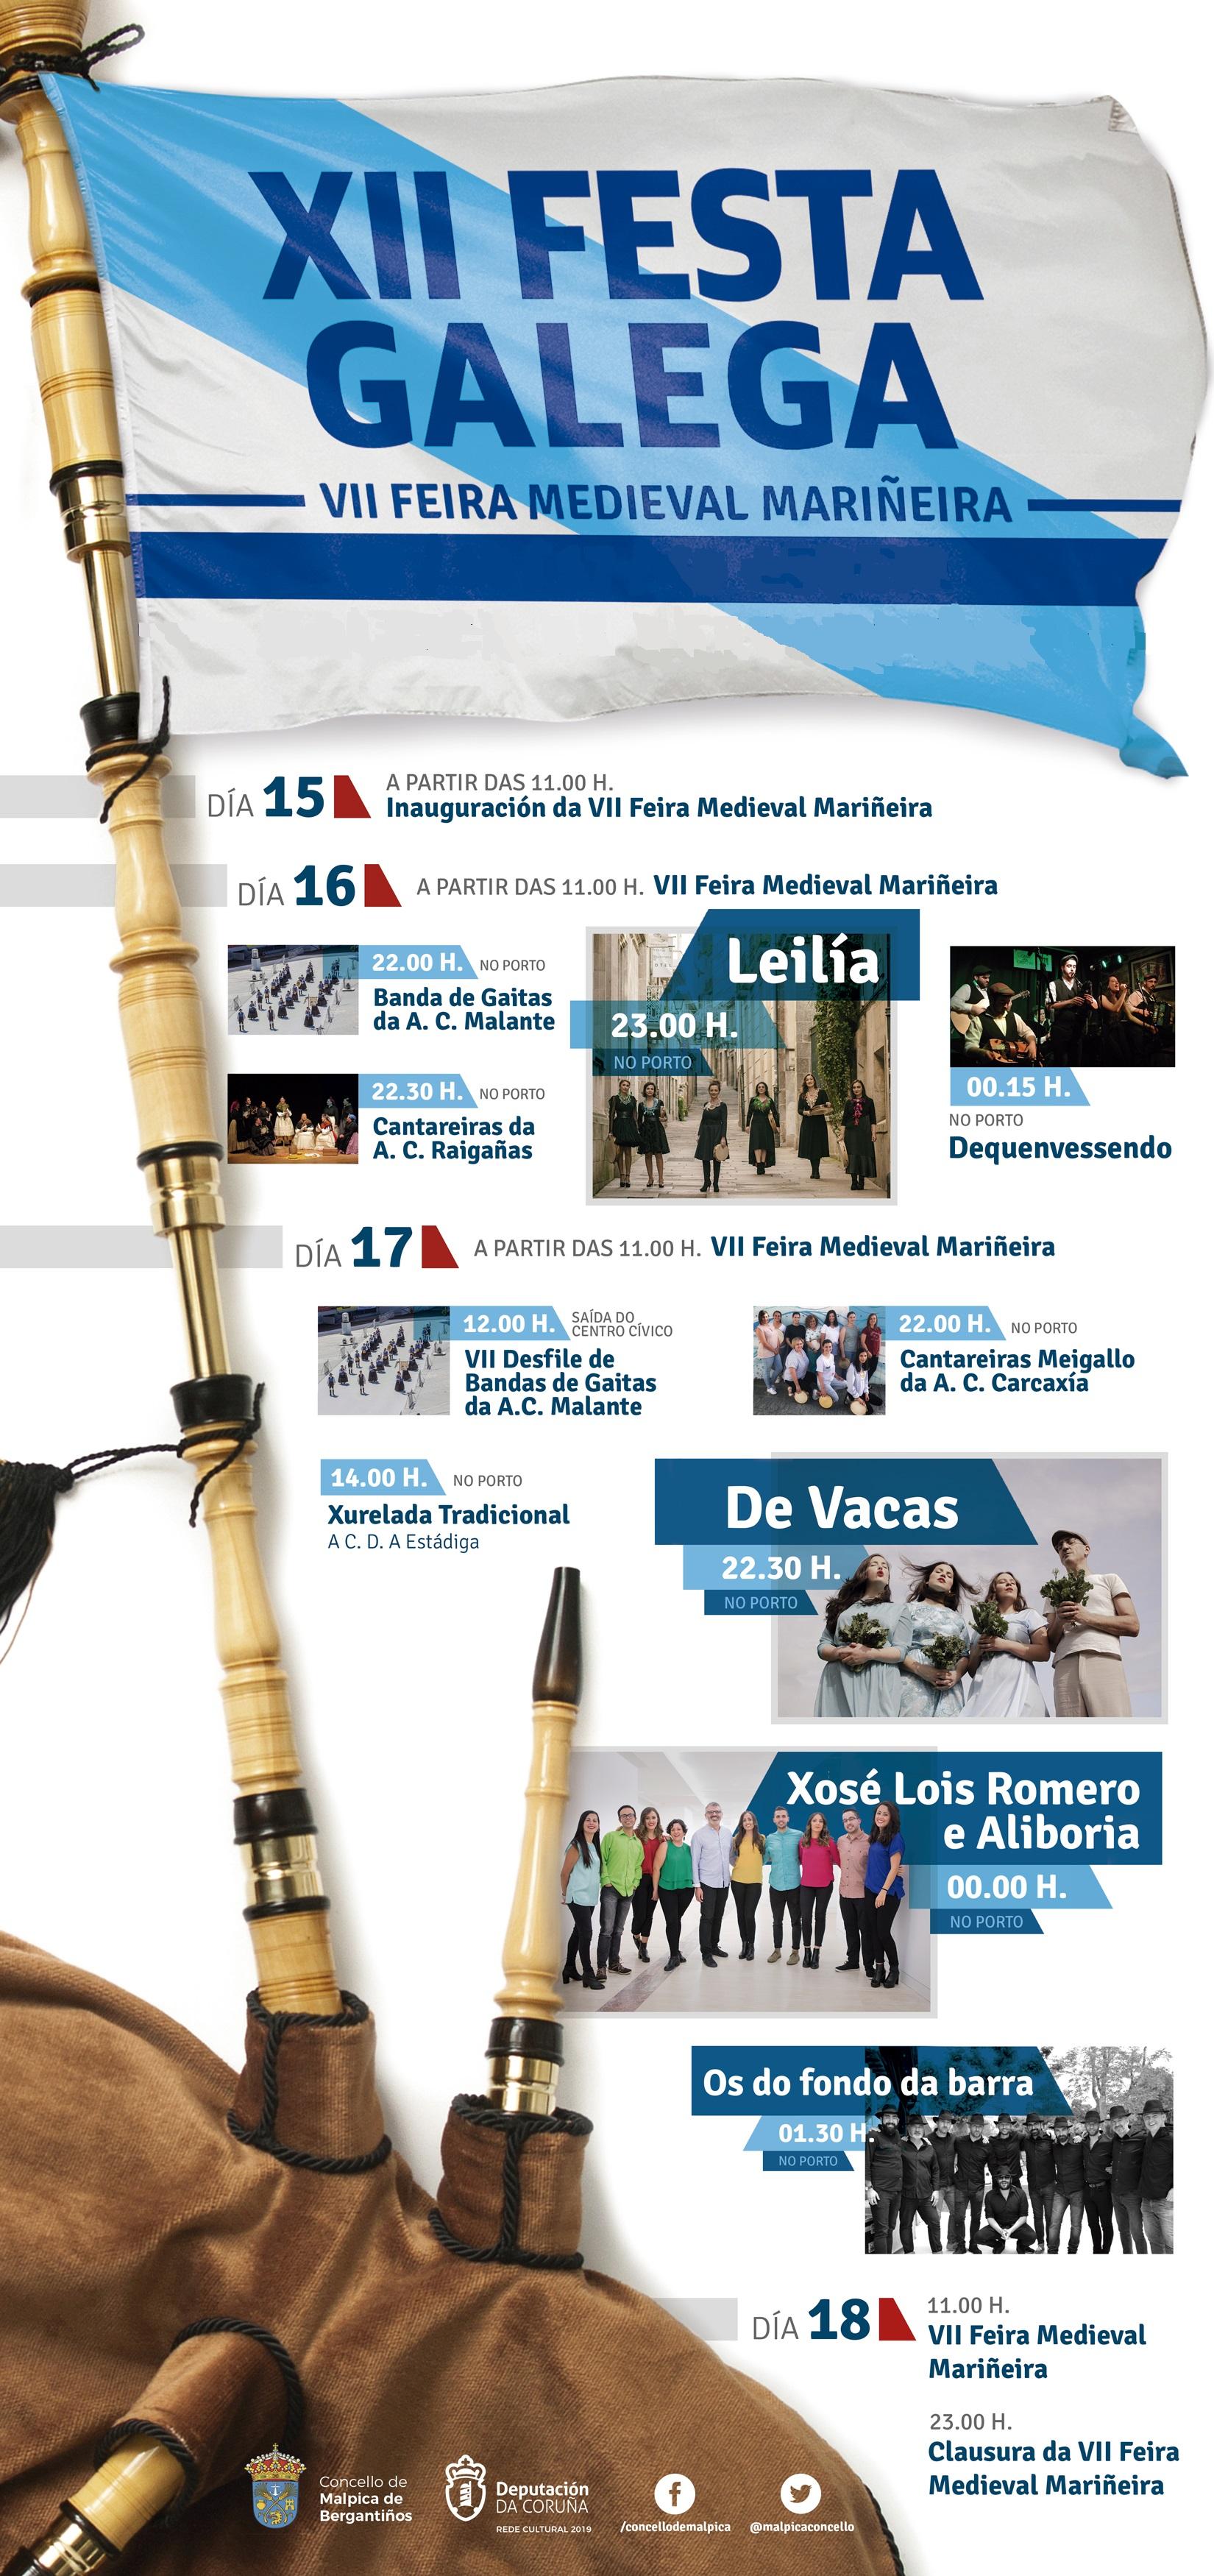 XII-Festa-Galega 2